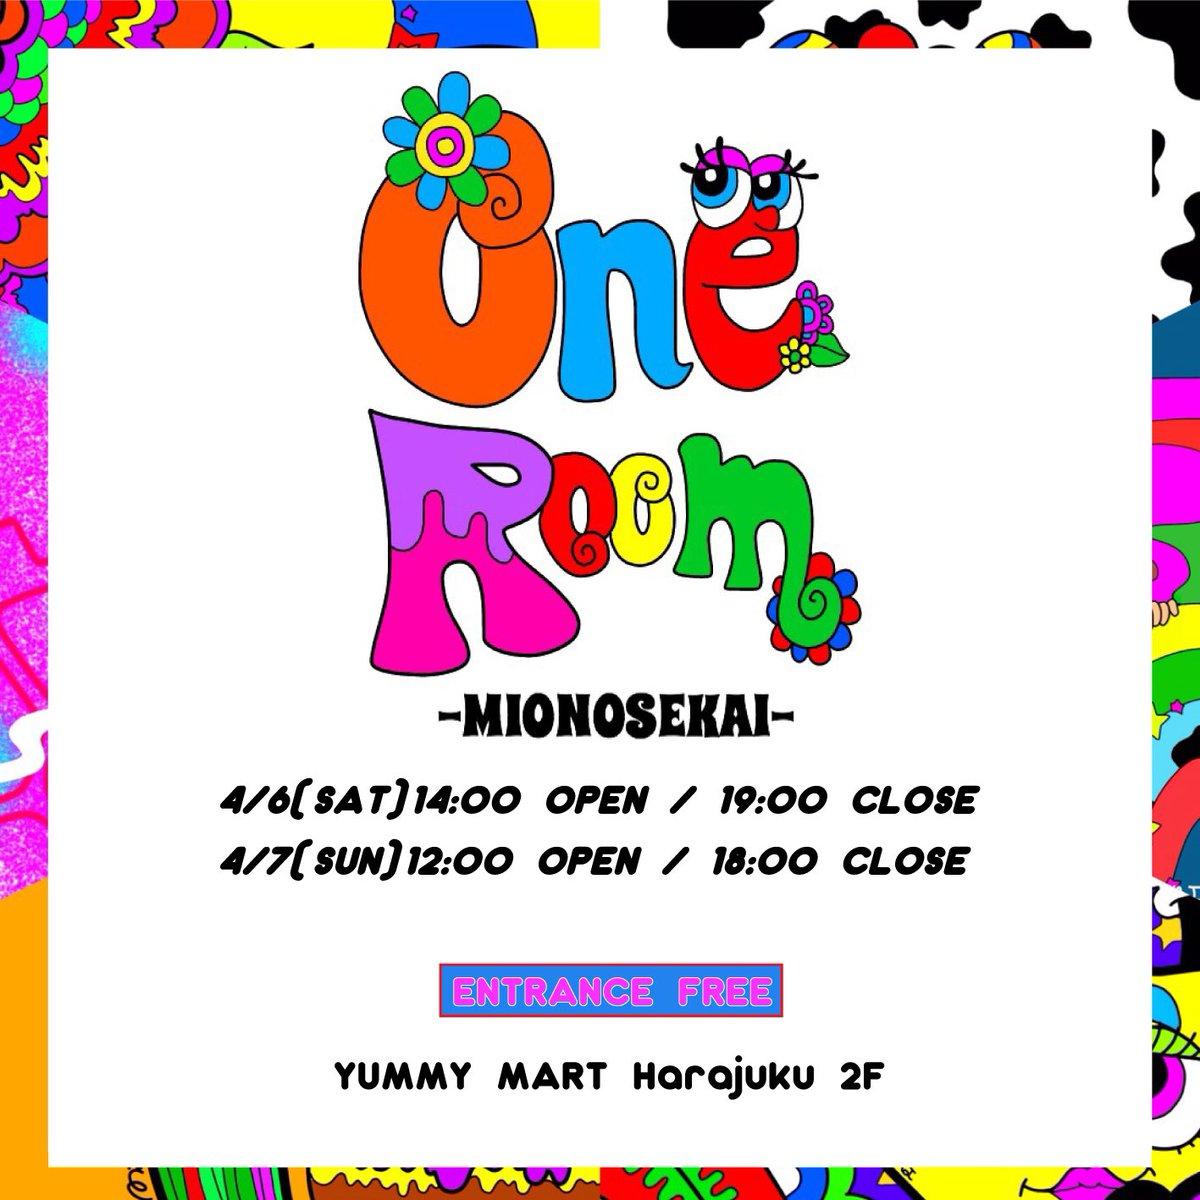 MIOCHIN初個展「MIONOSEKAI -one room-」4月6日・7日開催